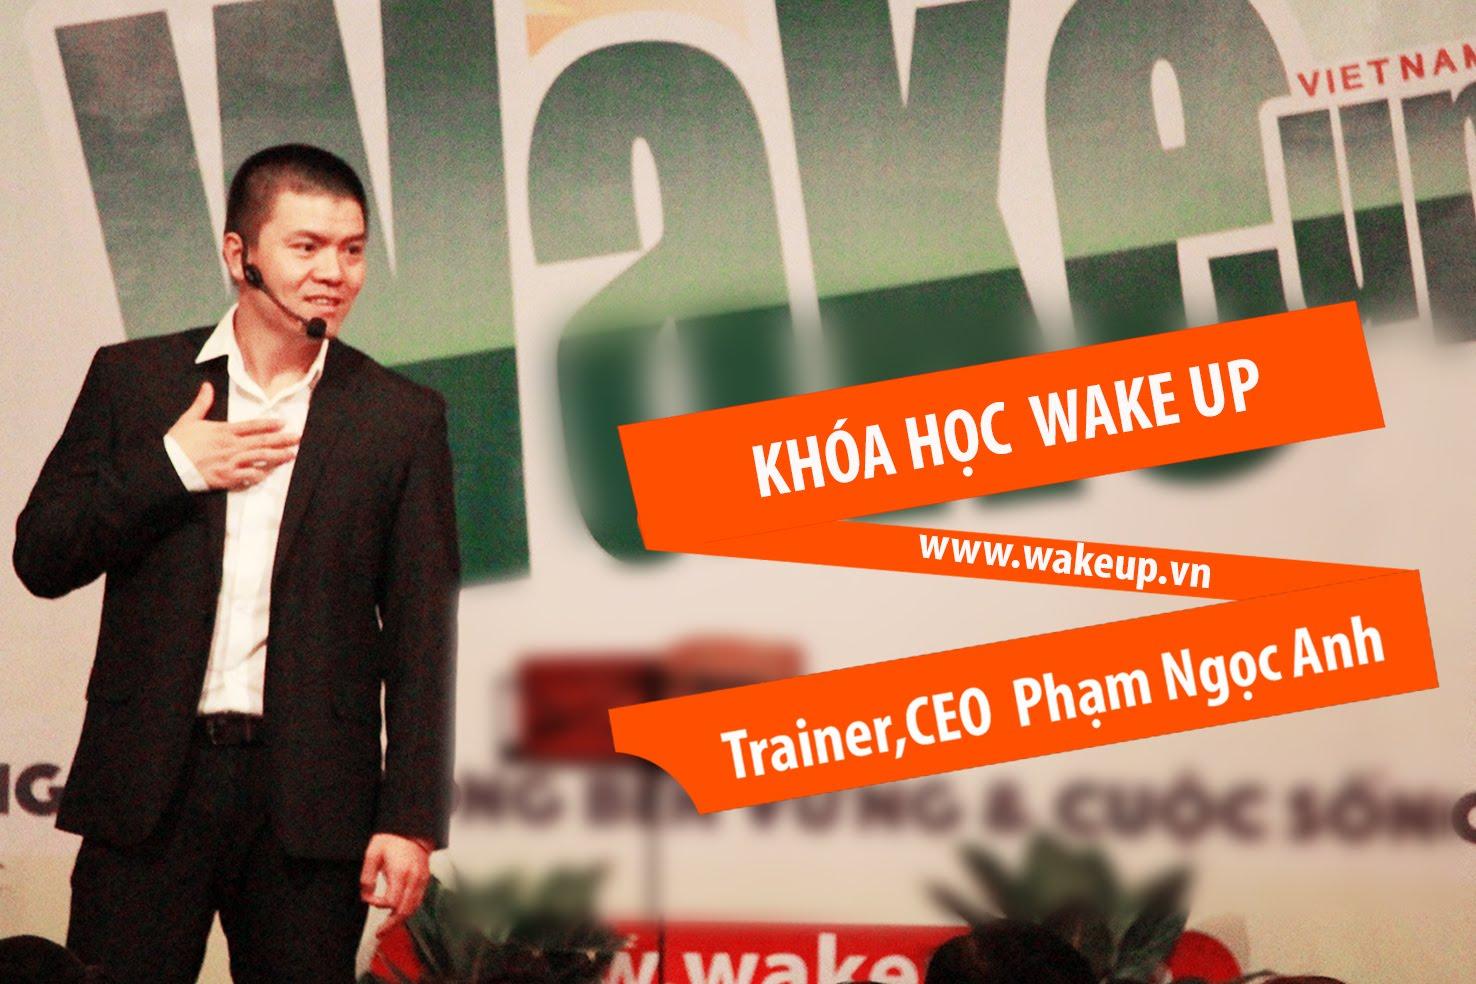 Trải Nghiệm Miễn Phí Khóa Học Wake Up Tại Hà Nội!